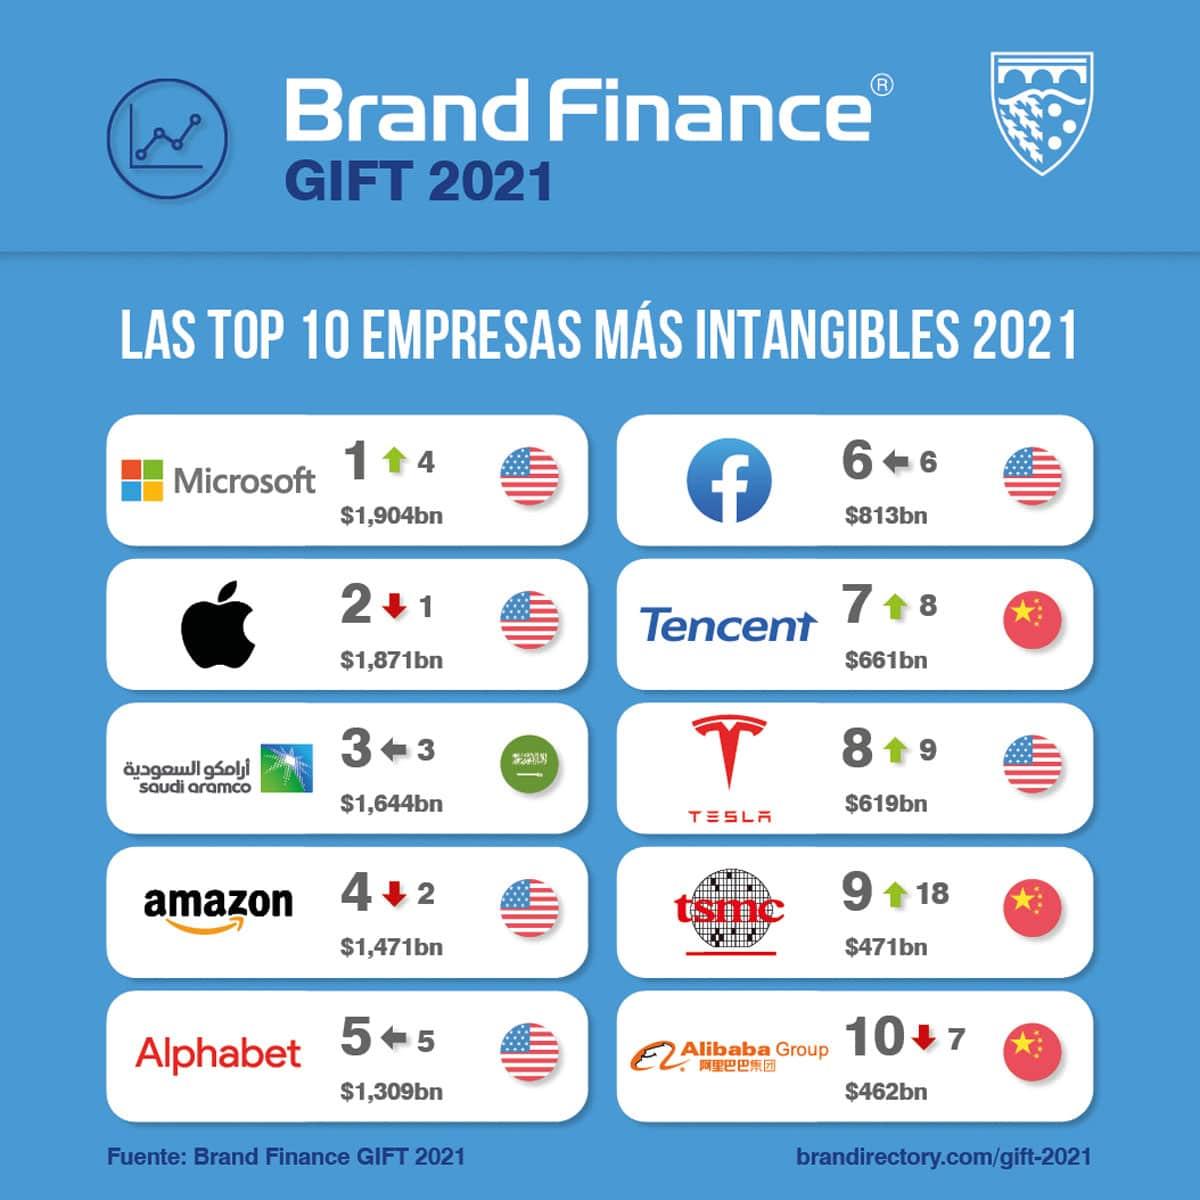 las empresas con más valor intangible